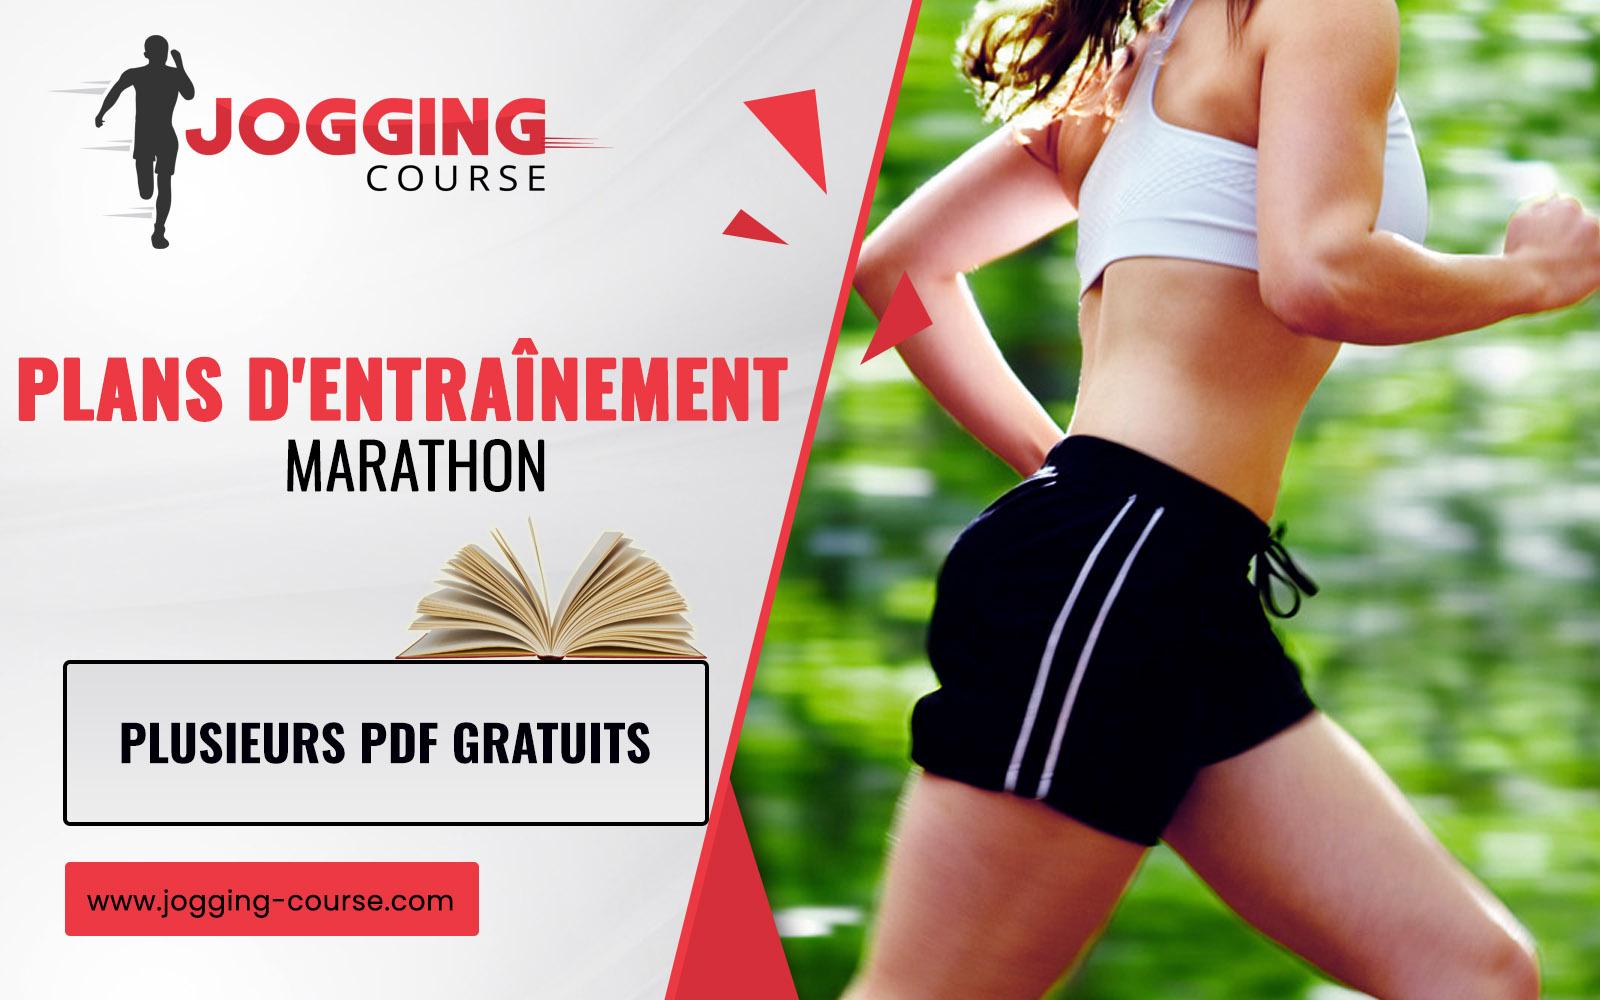 Plans d'entraînement marathon